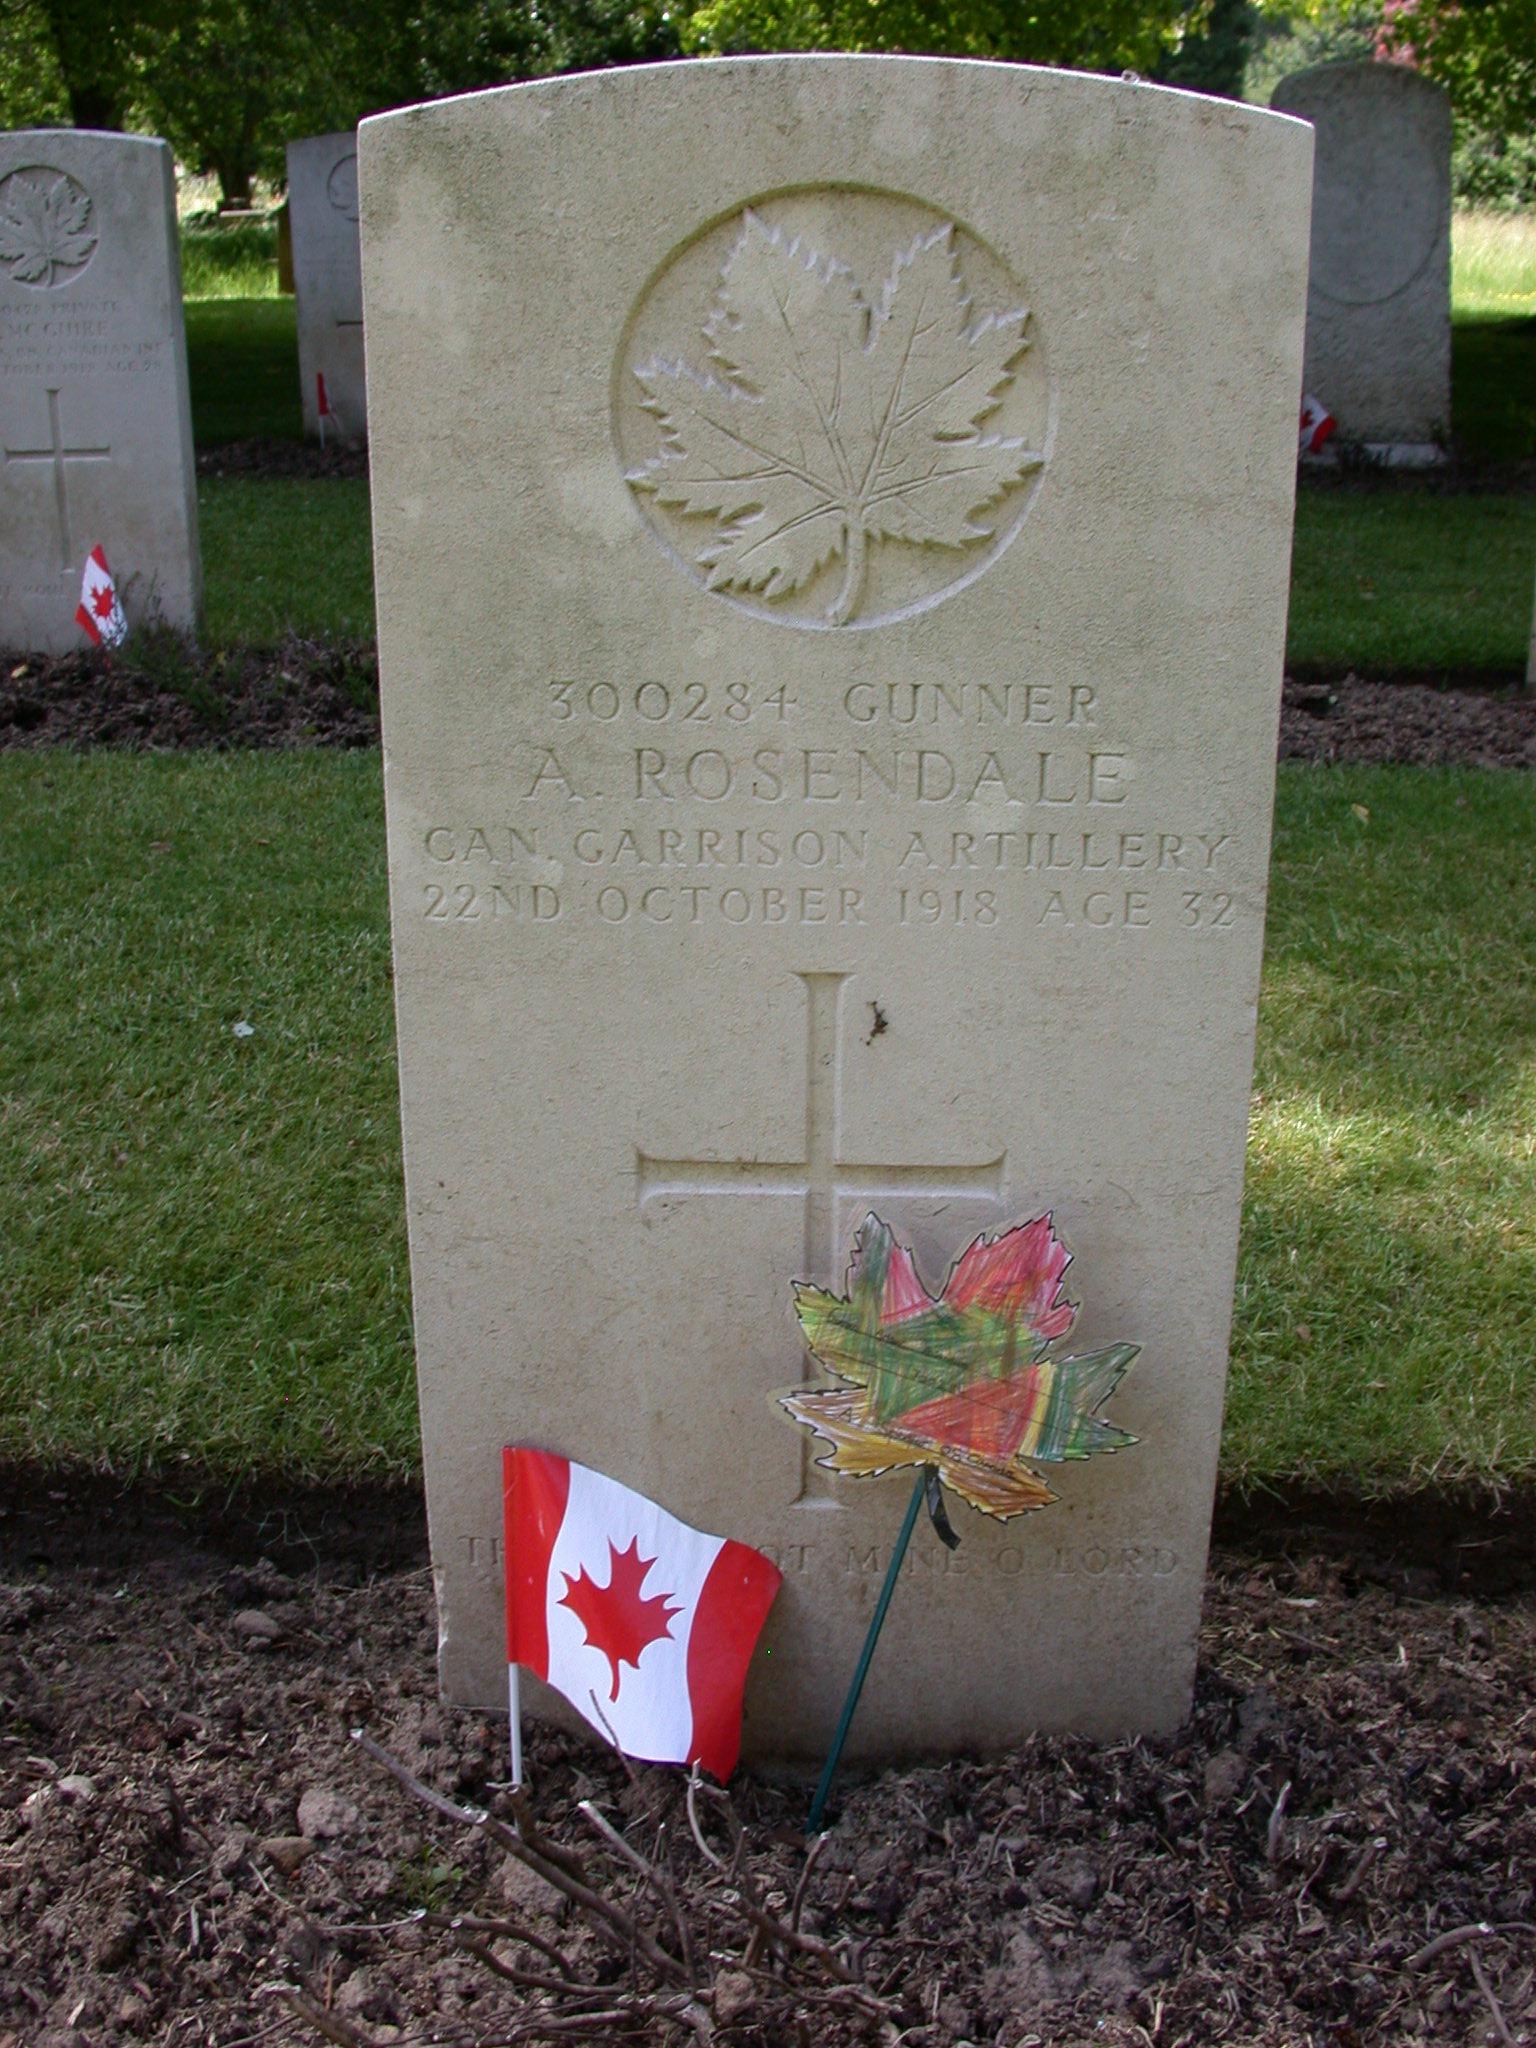 Gravestone of Arthur Rosendale in Bramshott churchyard